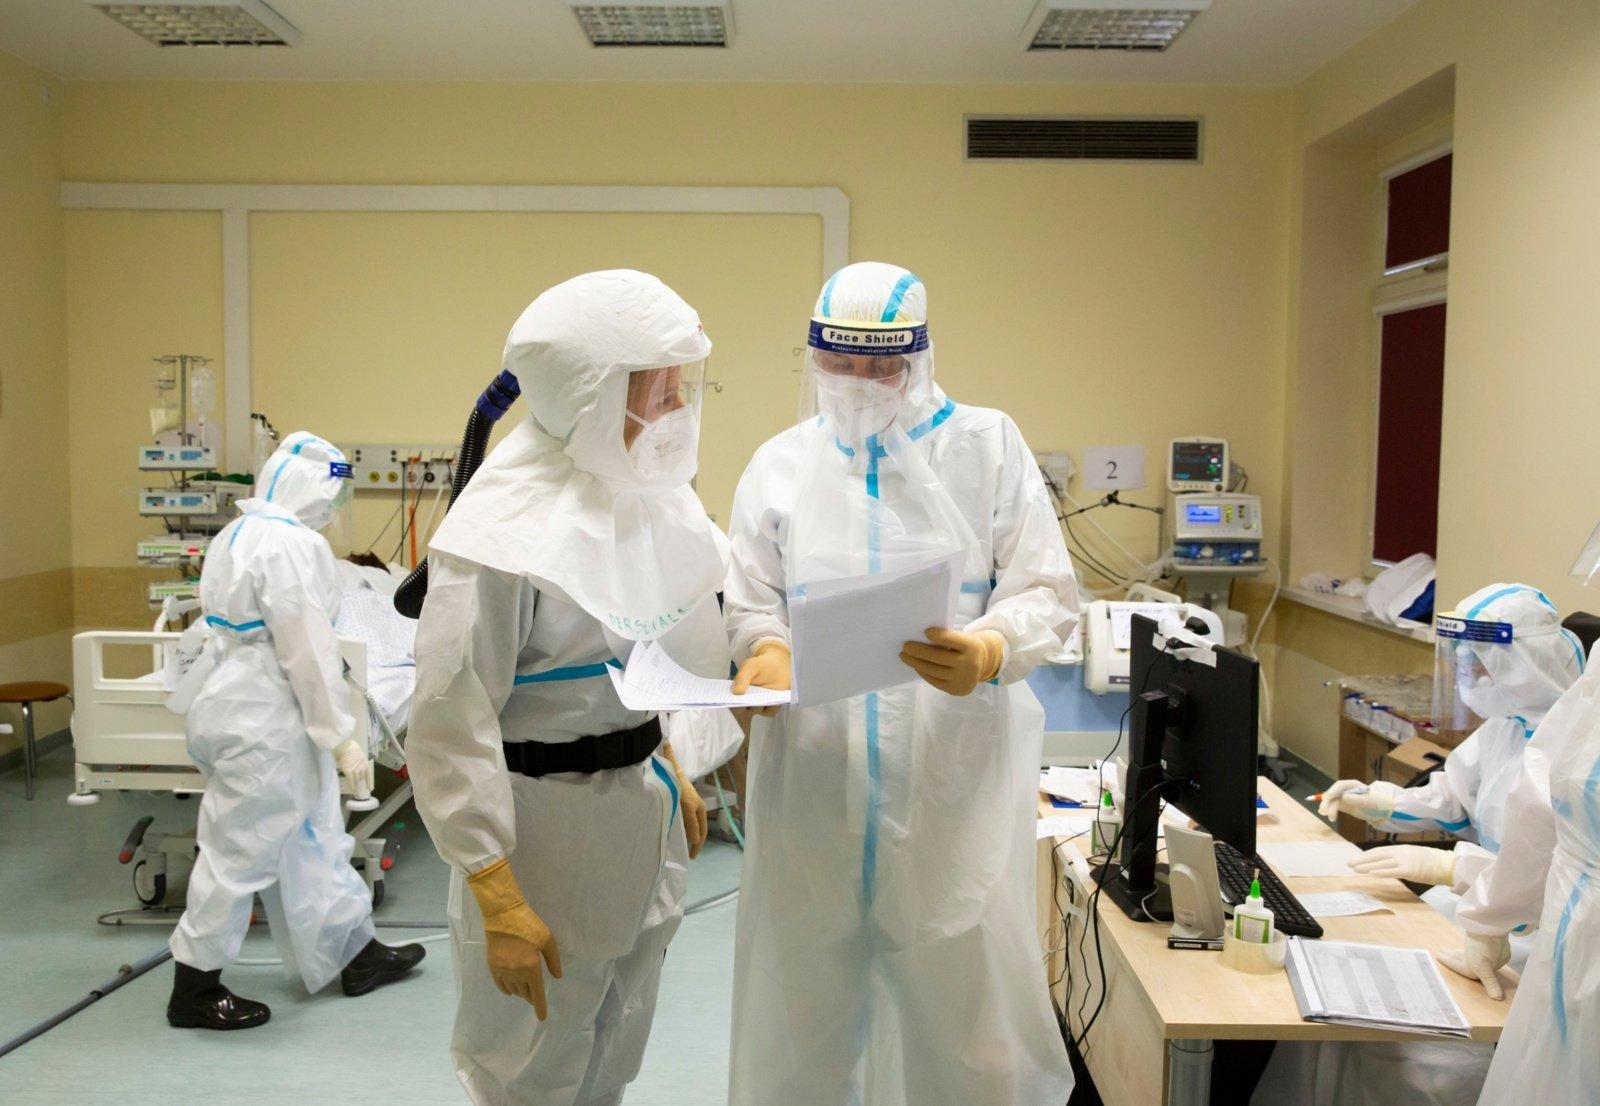 Nauji koronaviruso protrūkiai fiksuojami įmonėse, ugdymo įstaigose